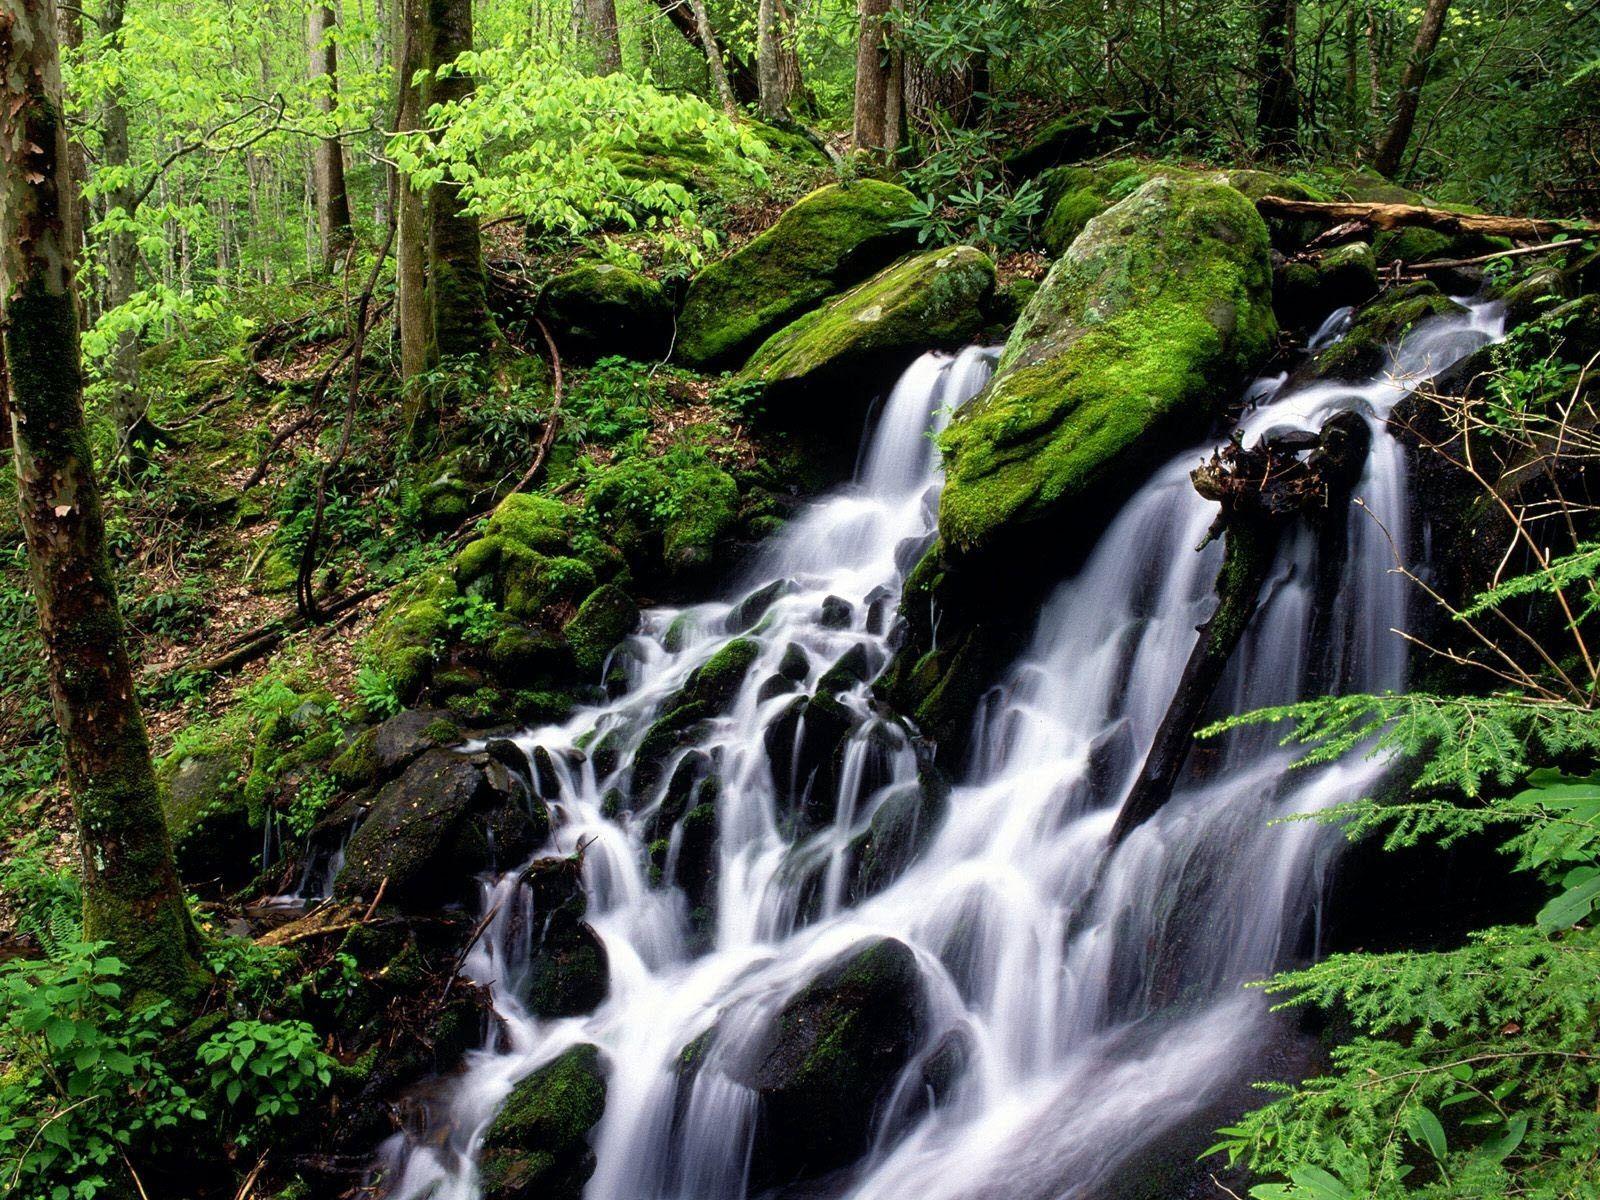 105323 économiseurs d'écran et fonds d'écran Cascades sur votre téléphone. Téléchargez Nature, Noyaux, Cascades, Cascade, Forêt, Mousse images gratuitement